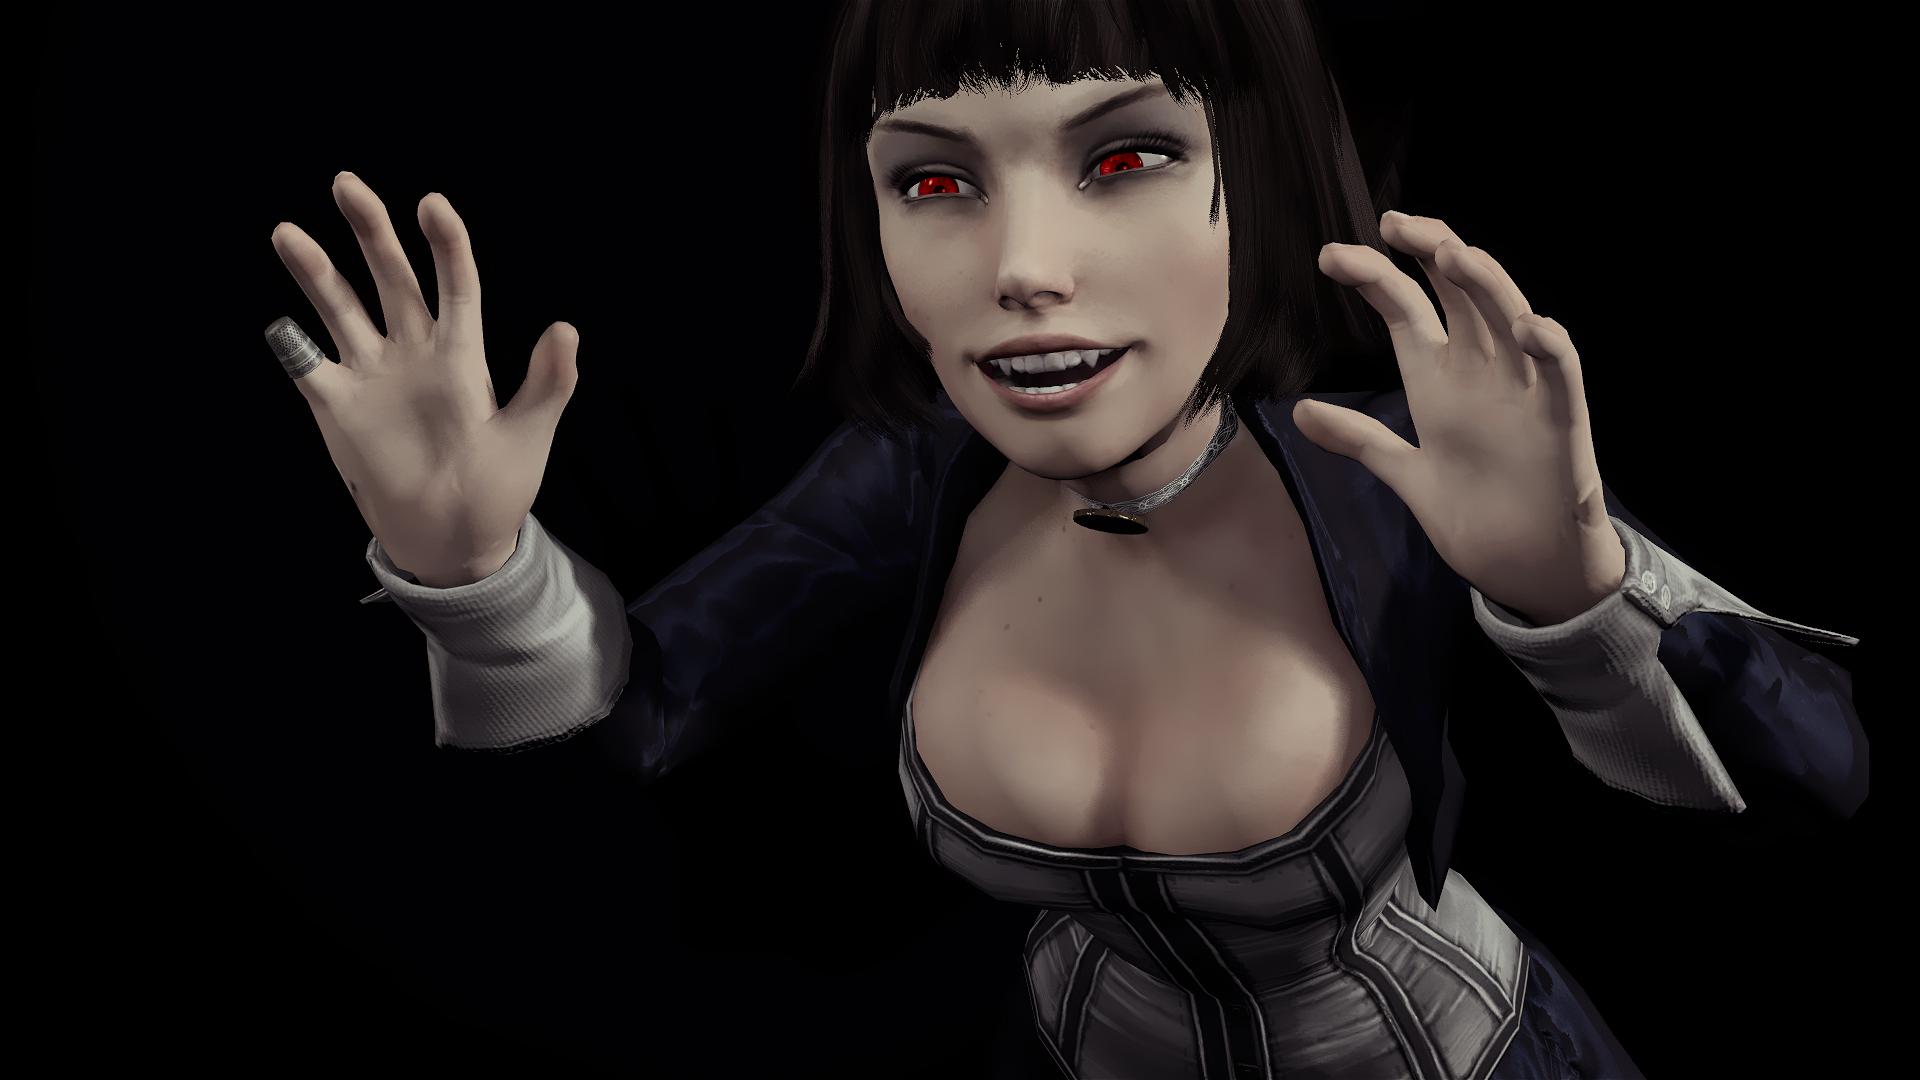 Vampire Elizabeth by Ananina23